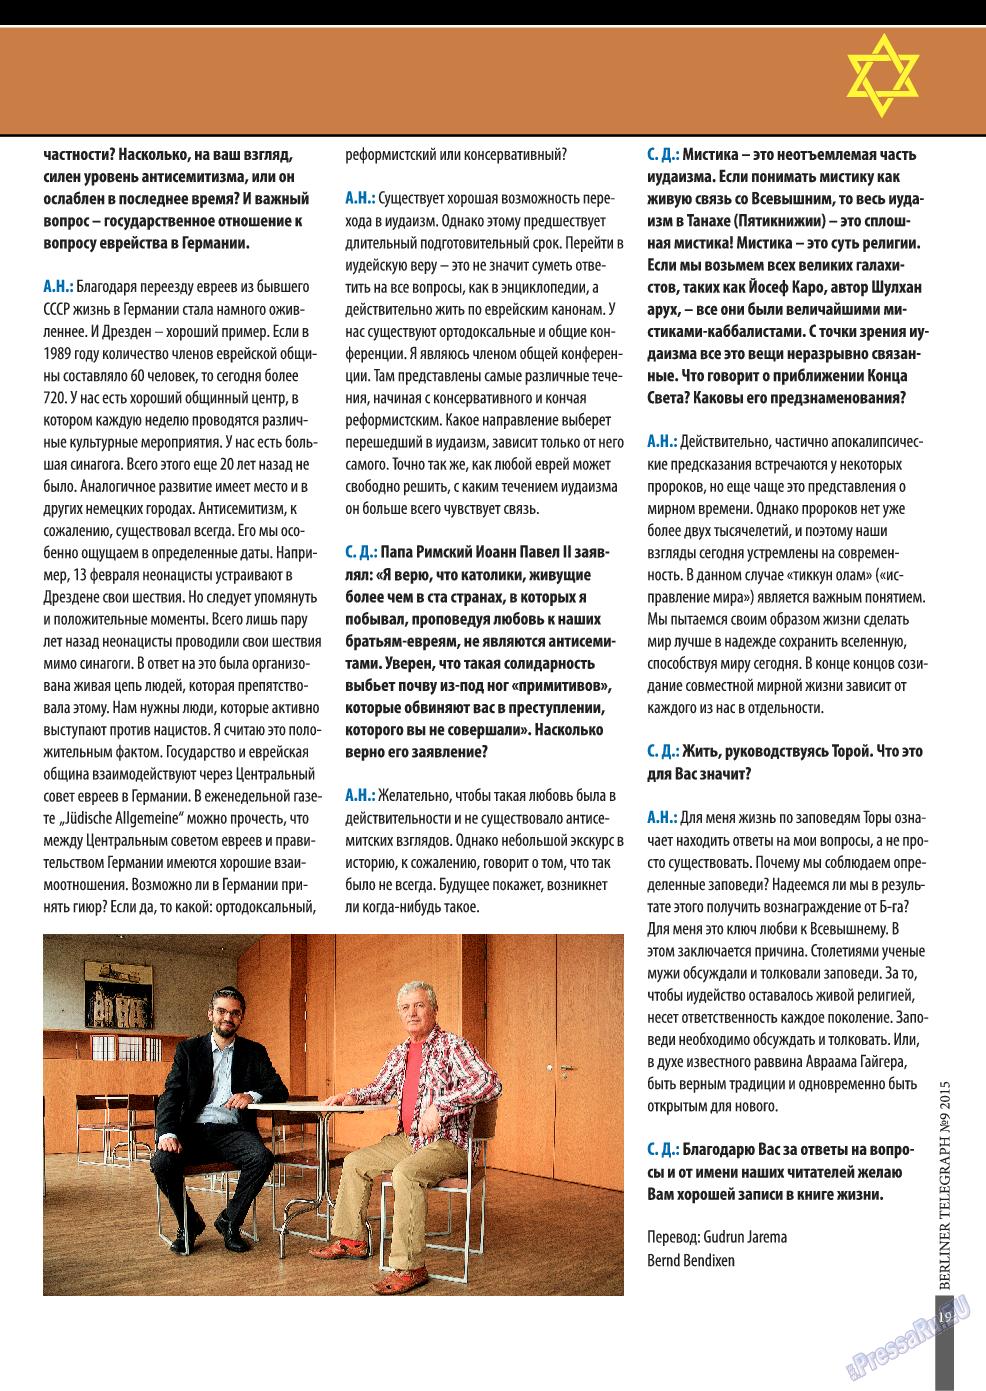 Берлинский телеграф (журнал). 2015 год, номер 10, стр. 19